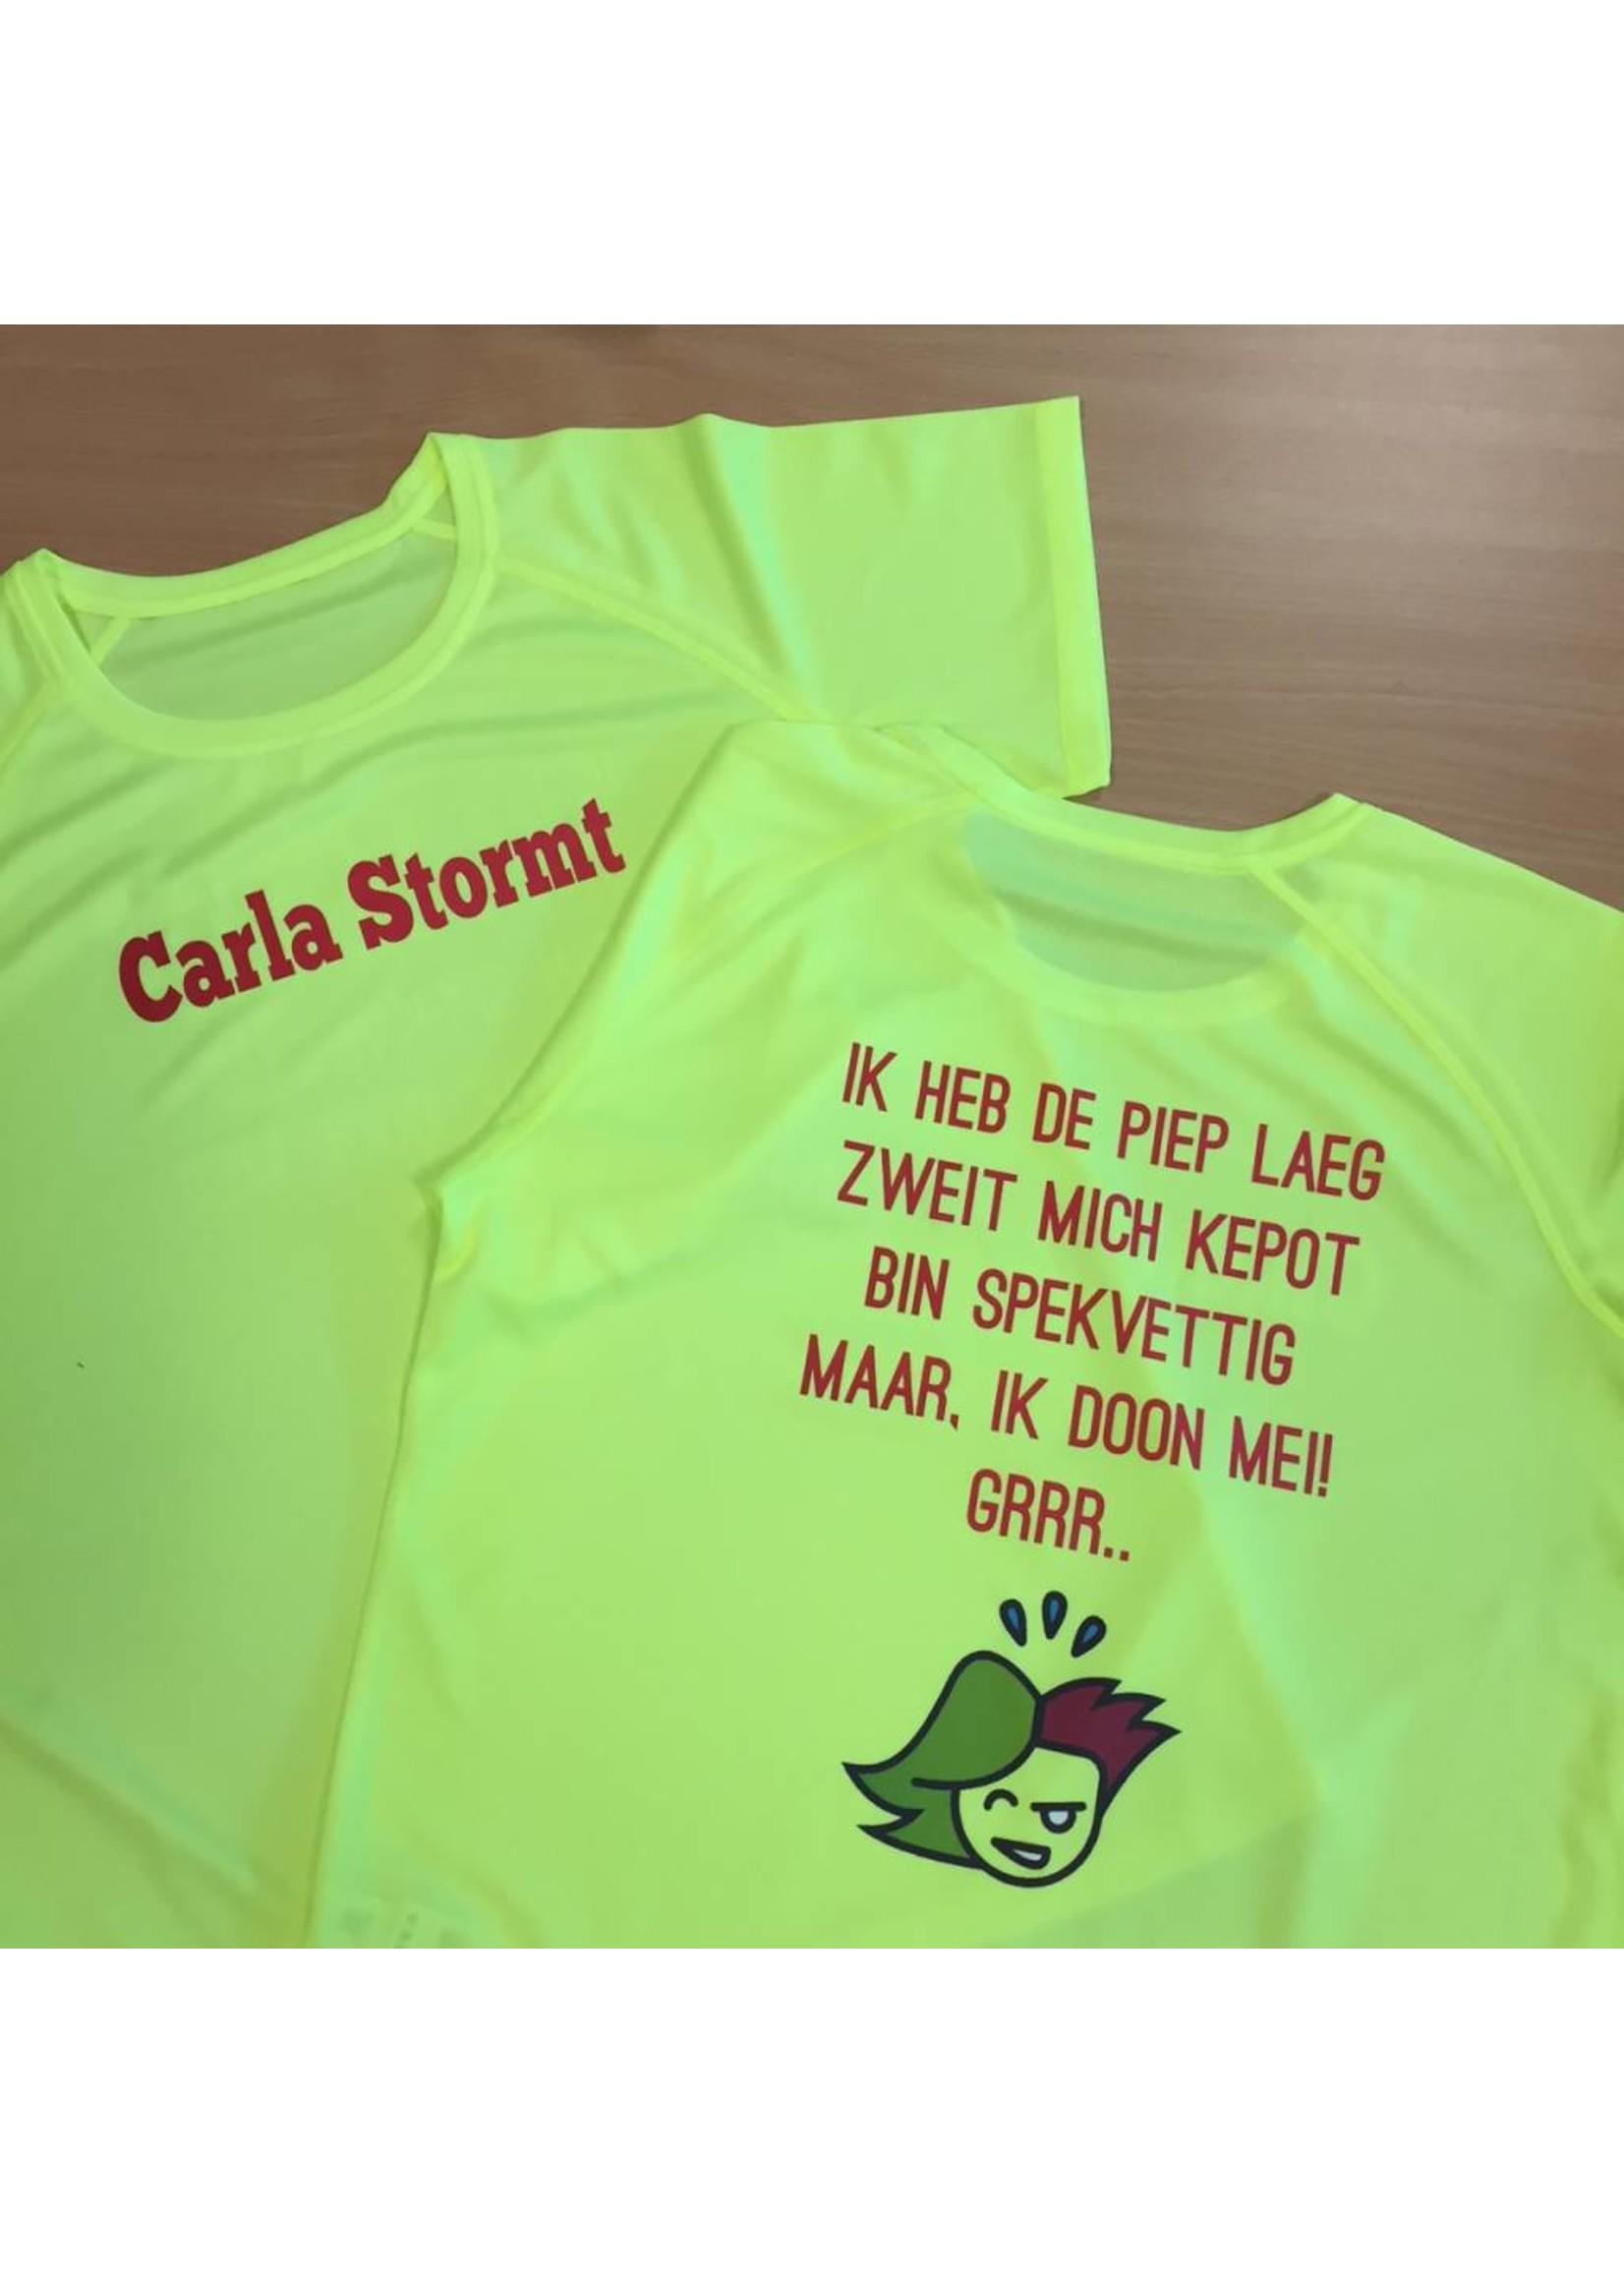 Sport shirt quick&dry - bedrukt naar wens